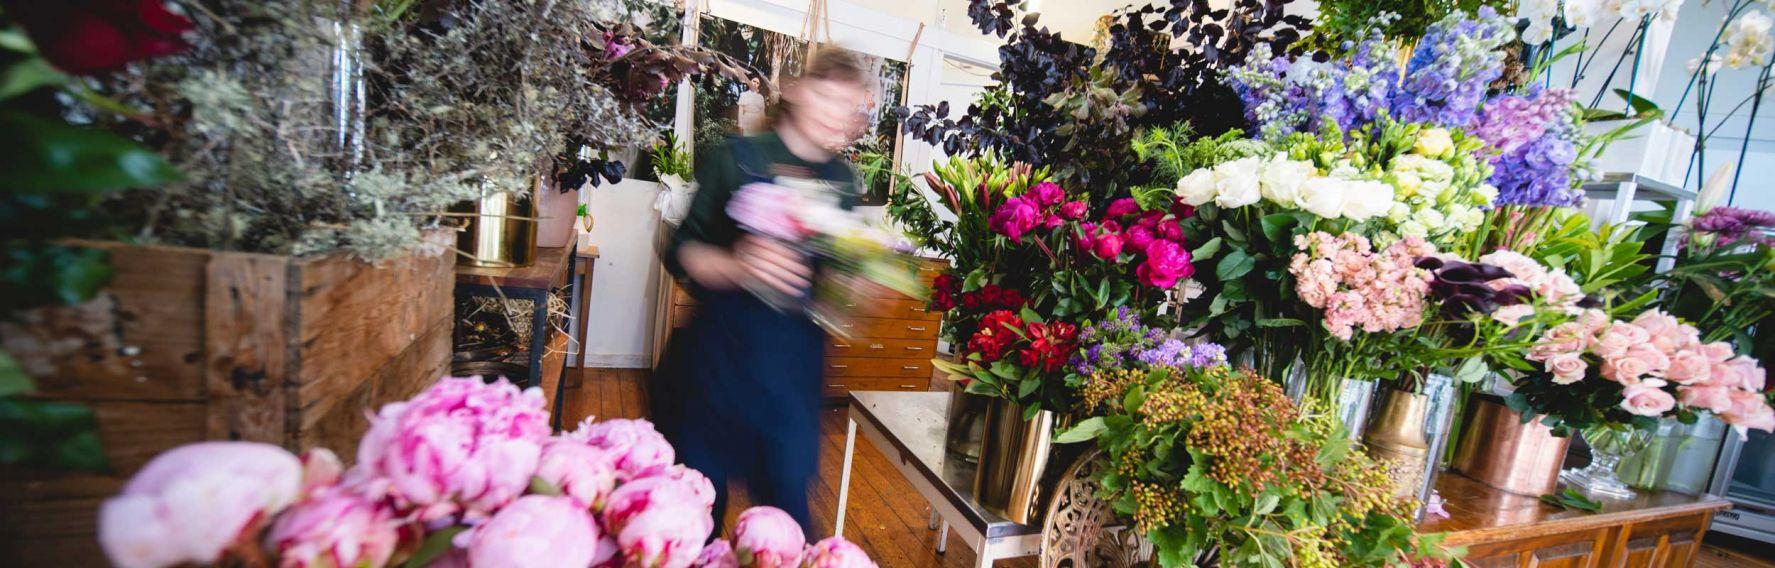 Florist in Dunedin